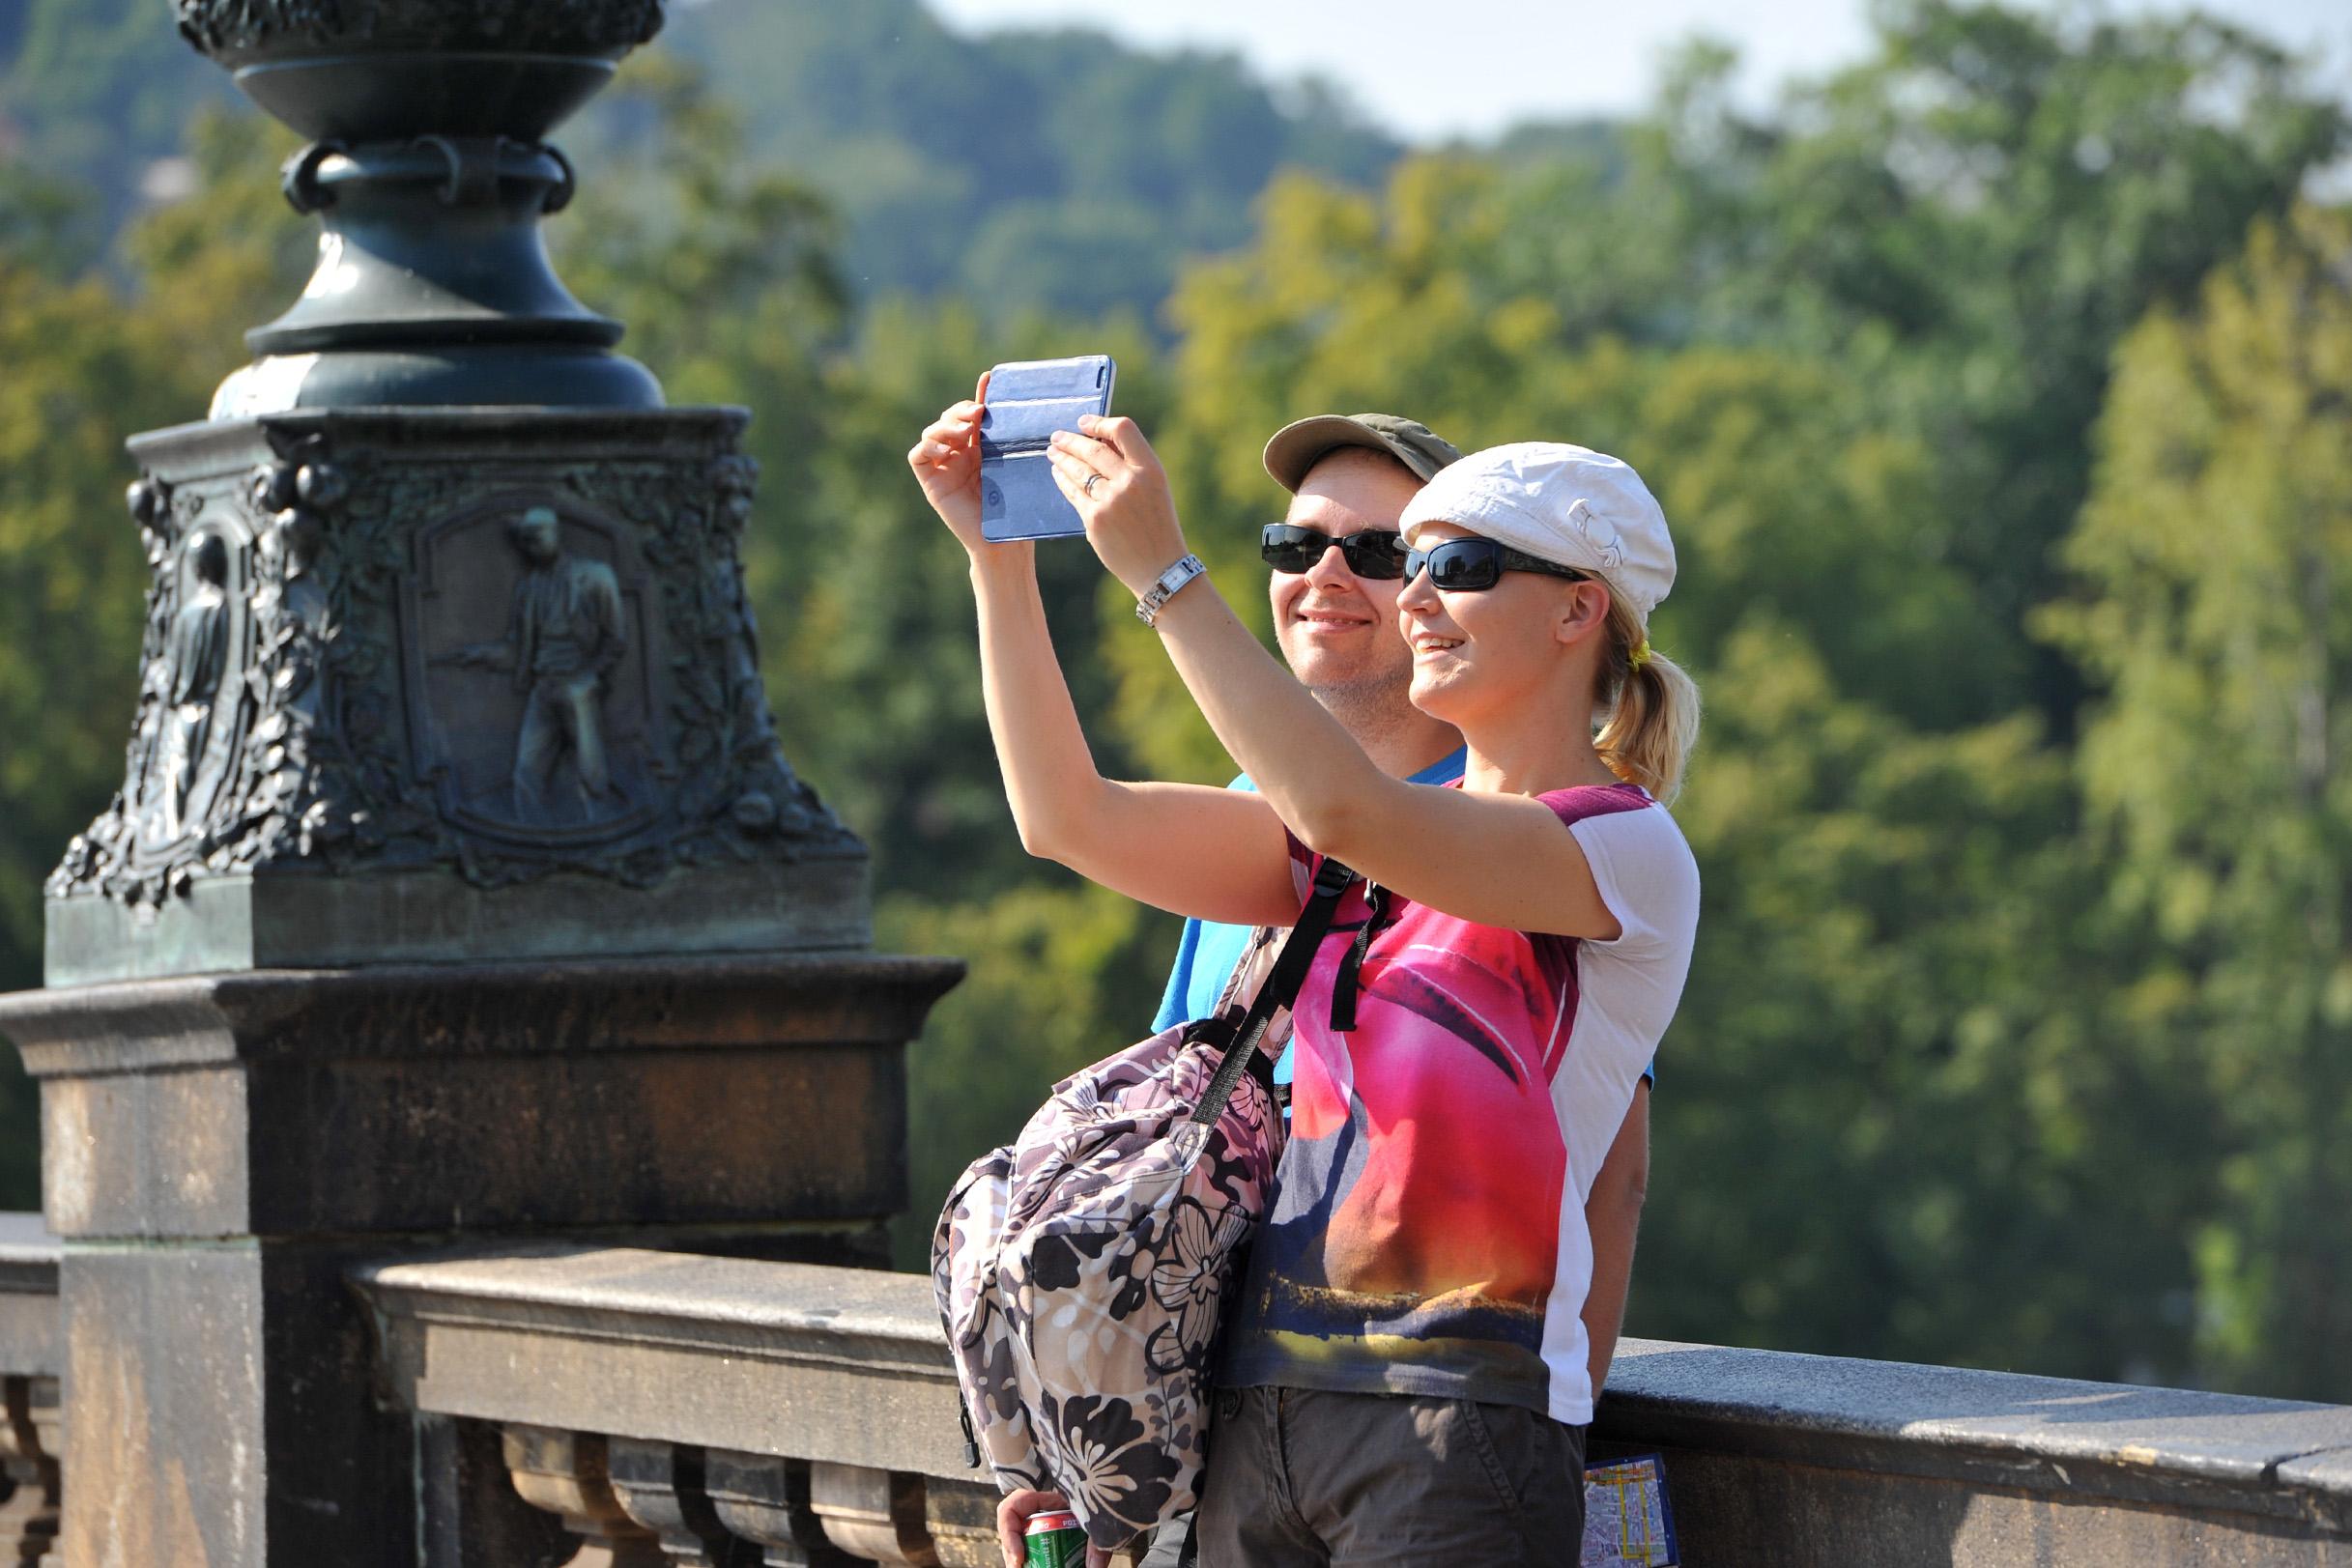 turisismus, turista, mobil, focení selfie